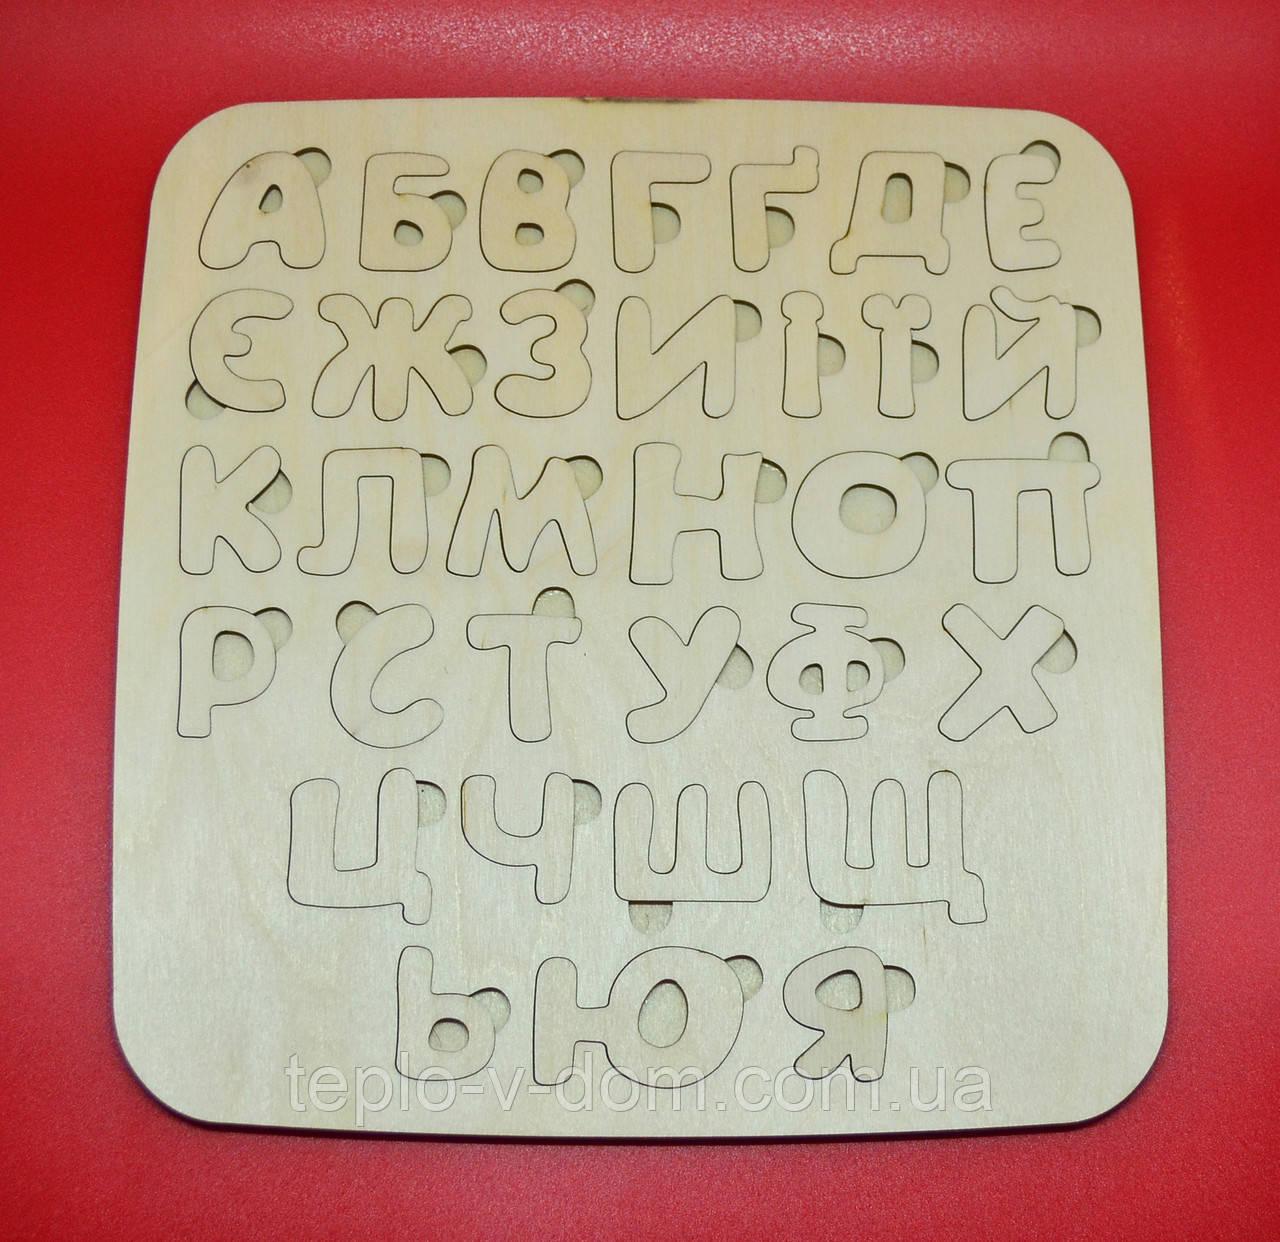 Деревянный украинский алфавит(азбука) 24х25см.